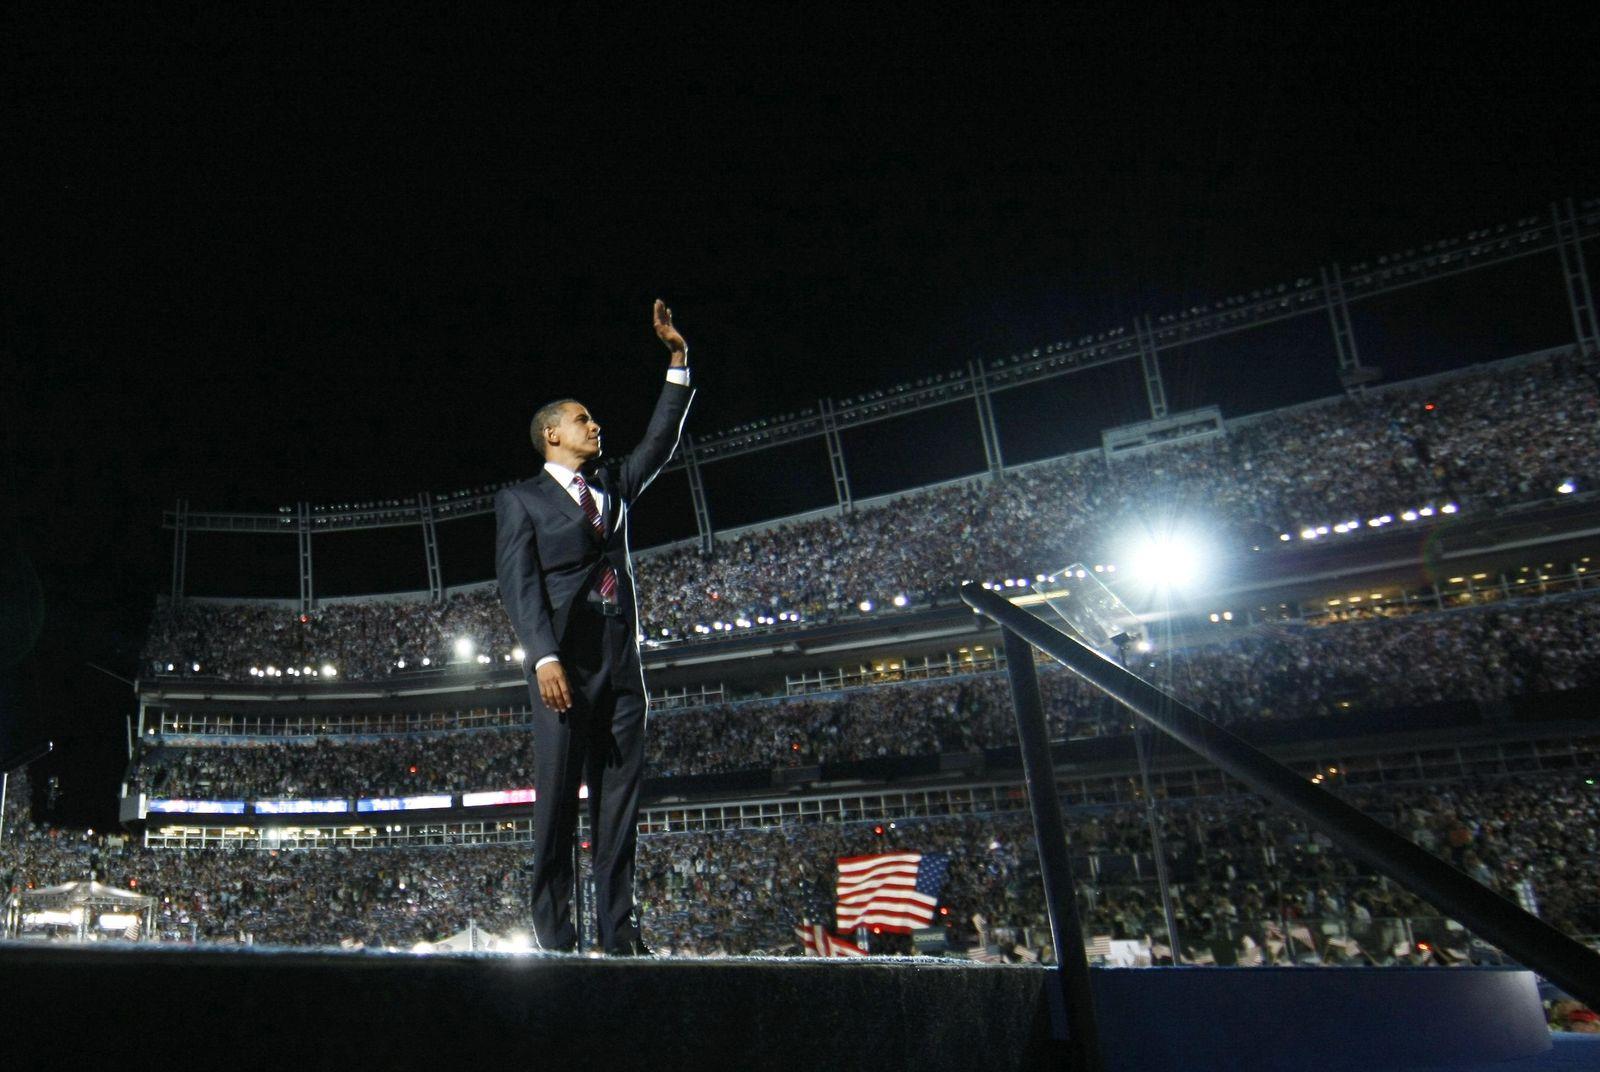 Foto: Barack Obama saluda al público en la Convención Nacional Demócrata celebrada en Denver en agosto de 2008. (Reuters)